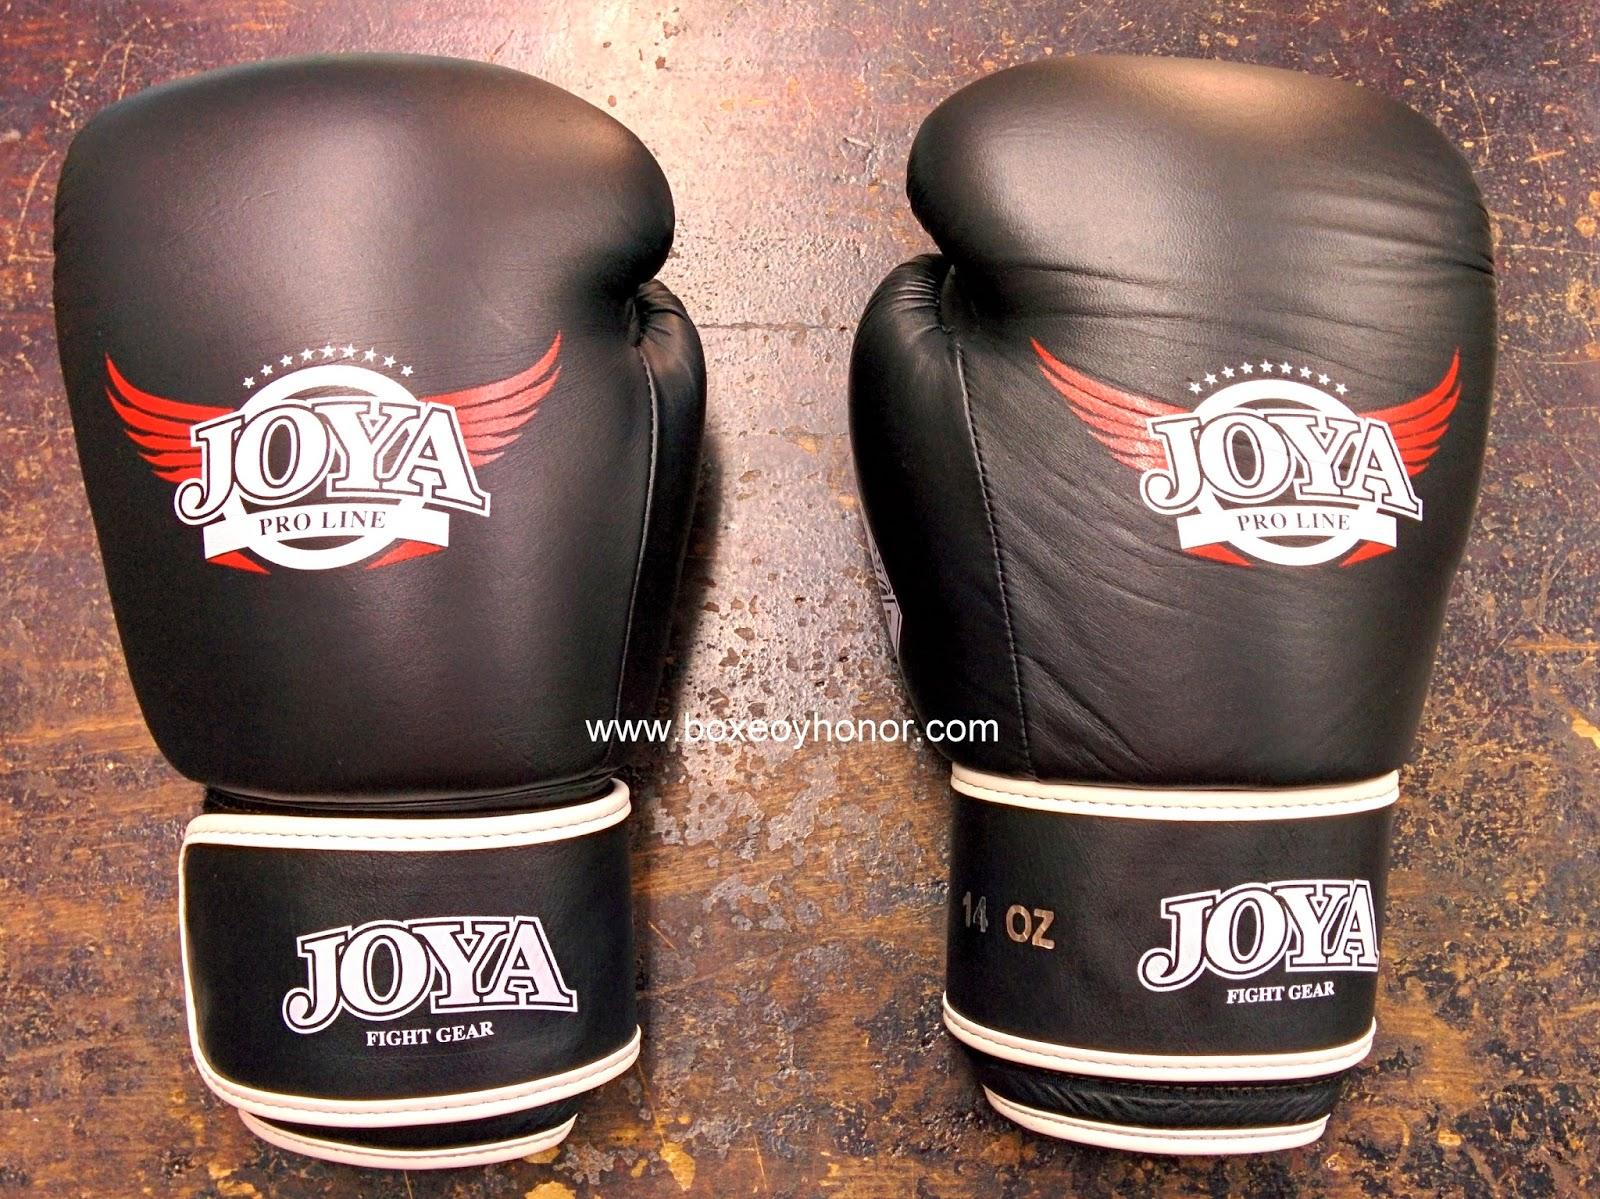 guantes de boxeo joya pro line